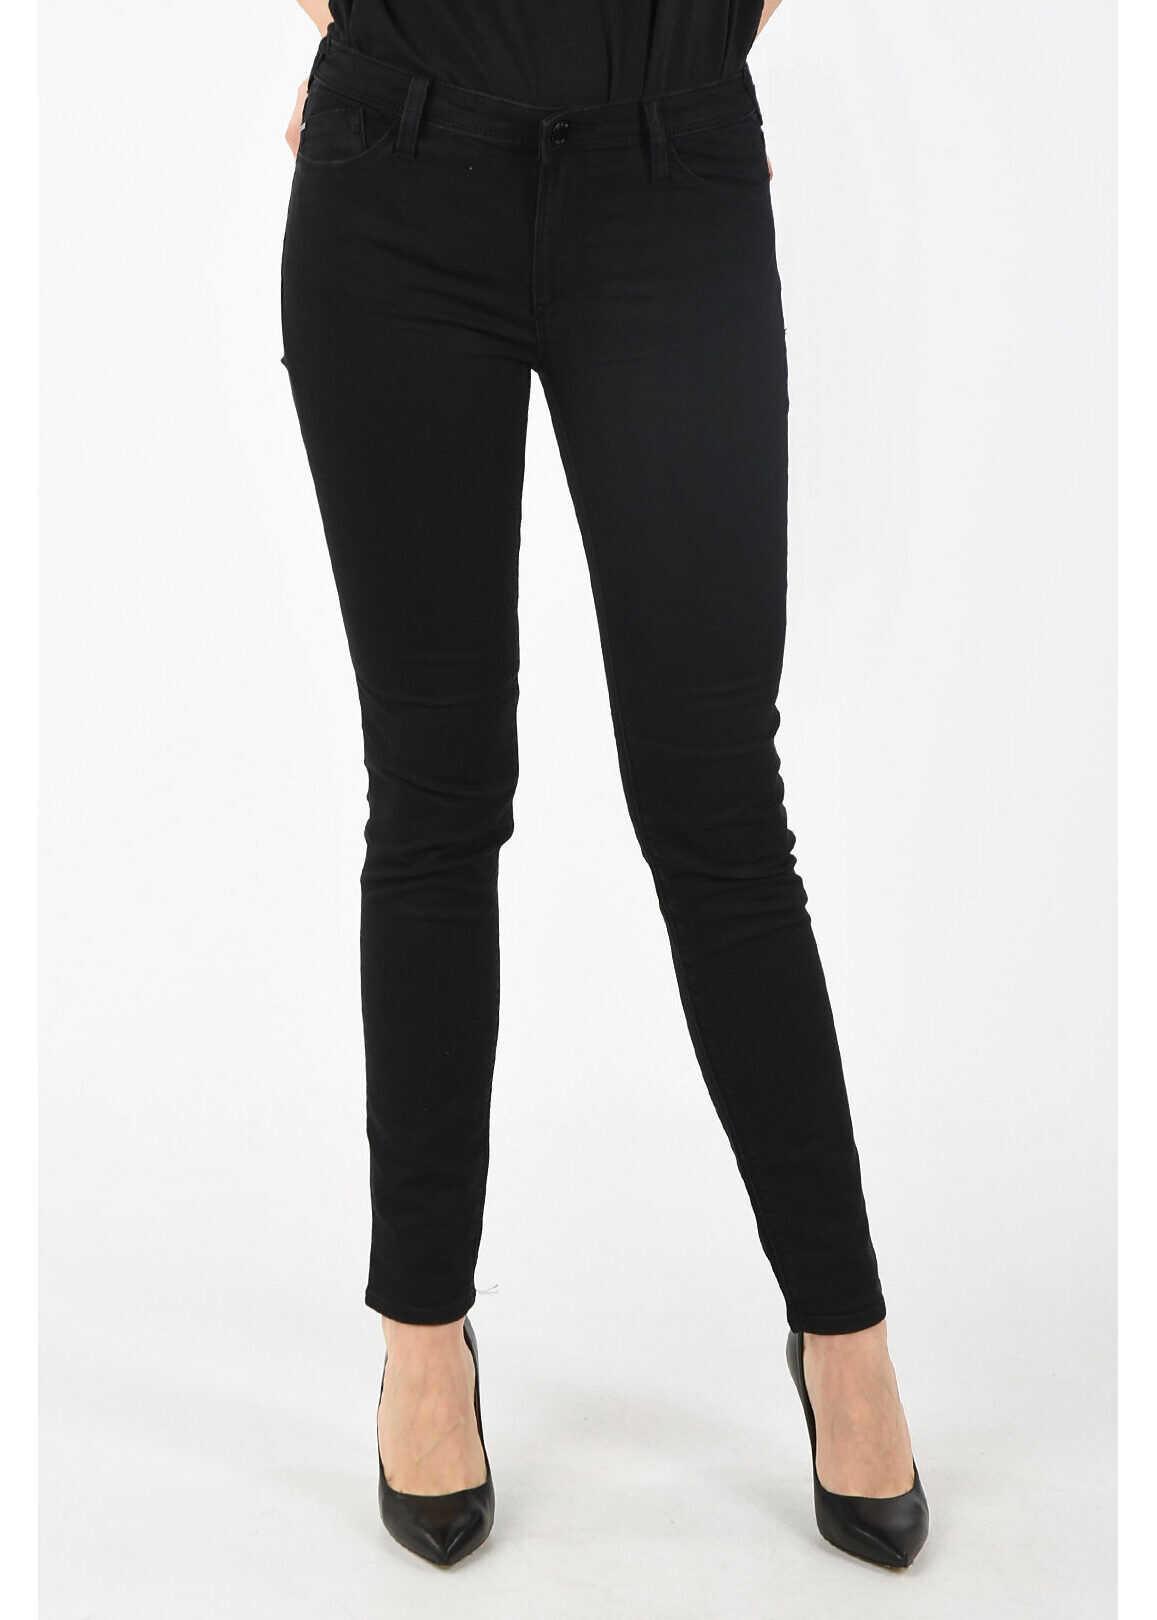 Armani ARMANI JEANS Skinny Fit ORCHID Jeans BLACK